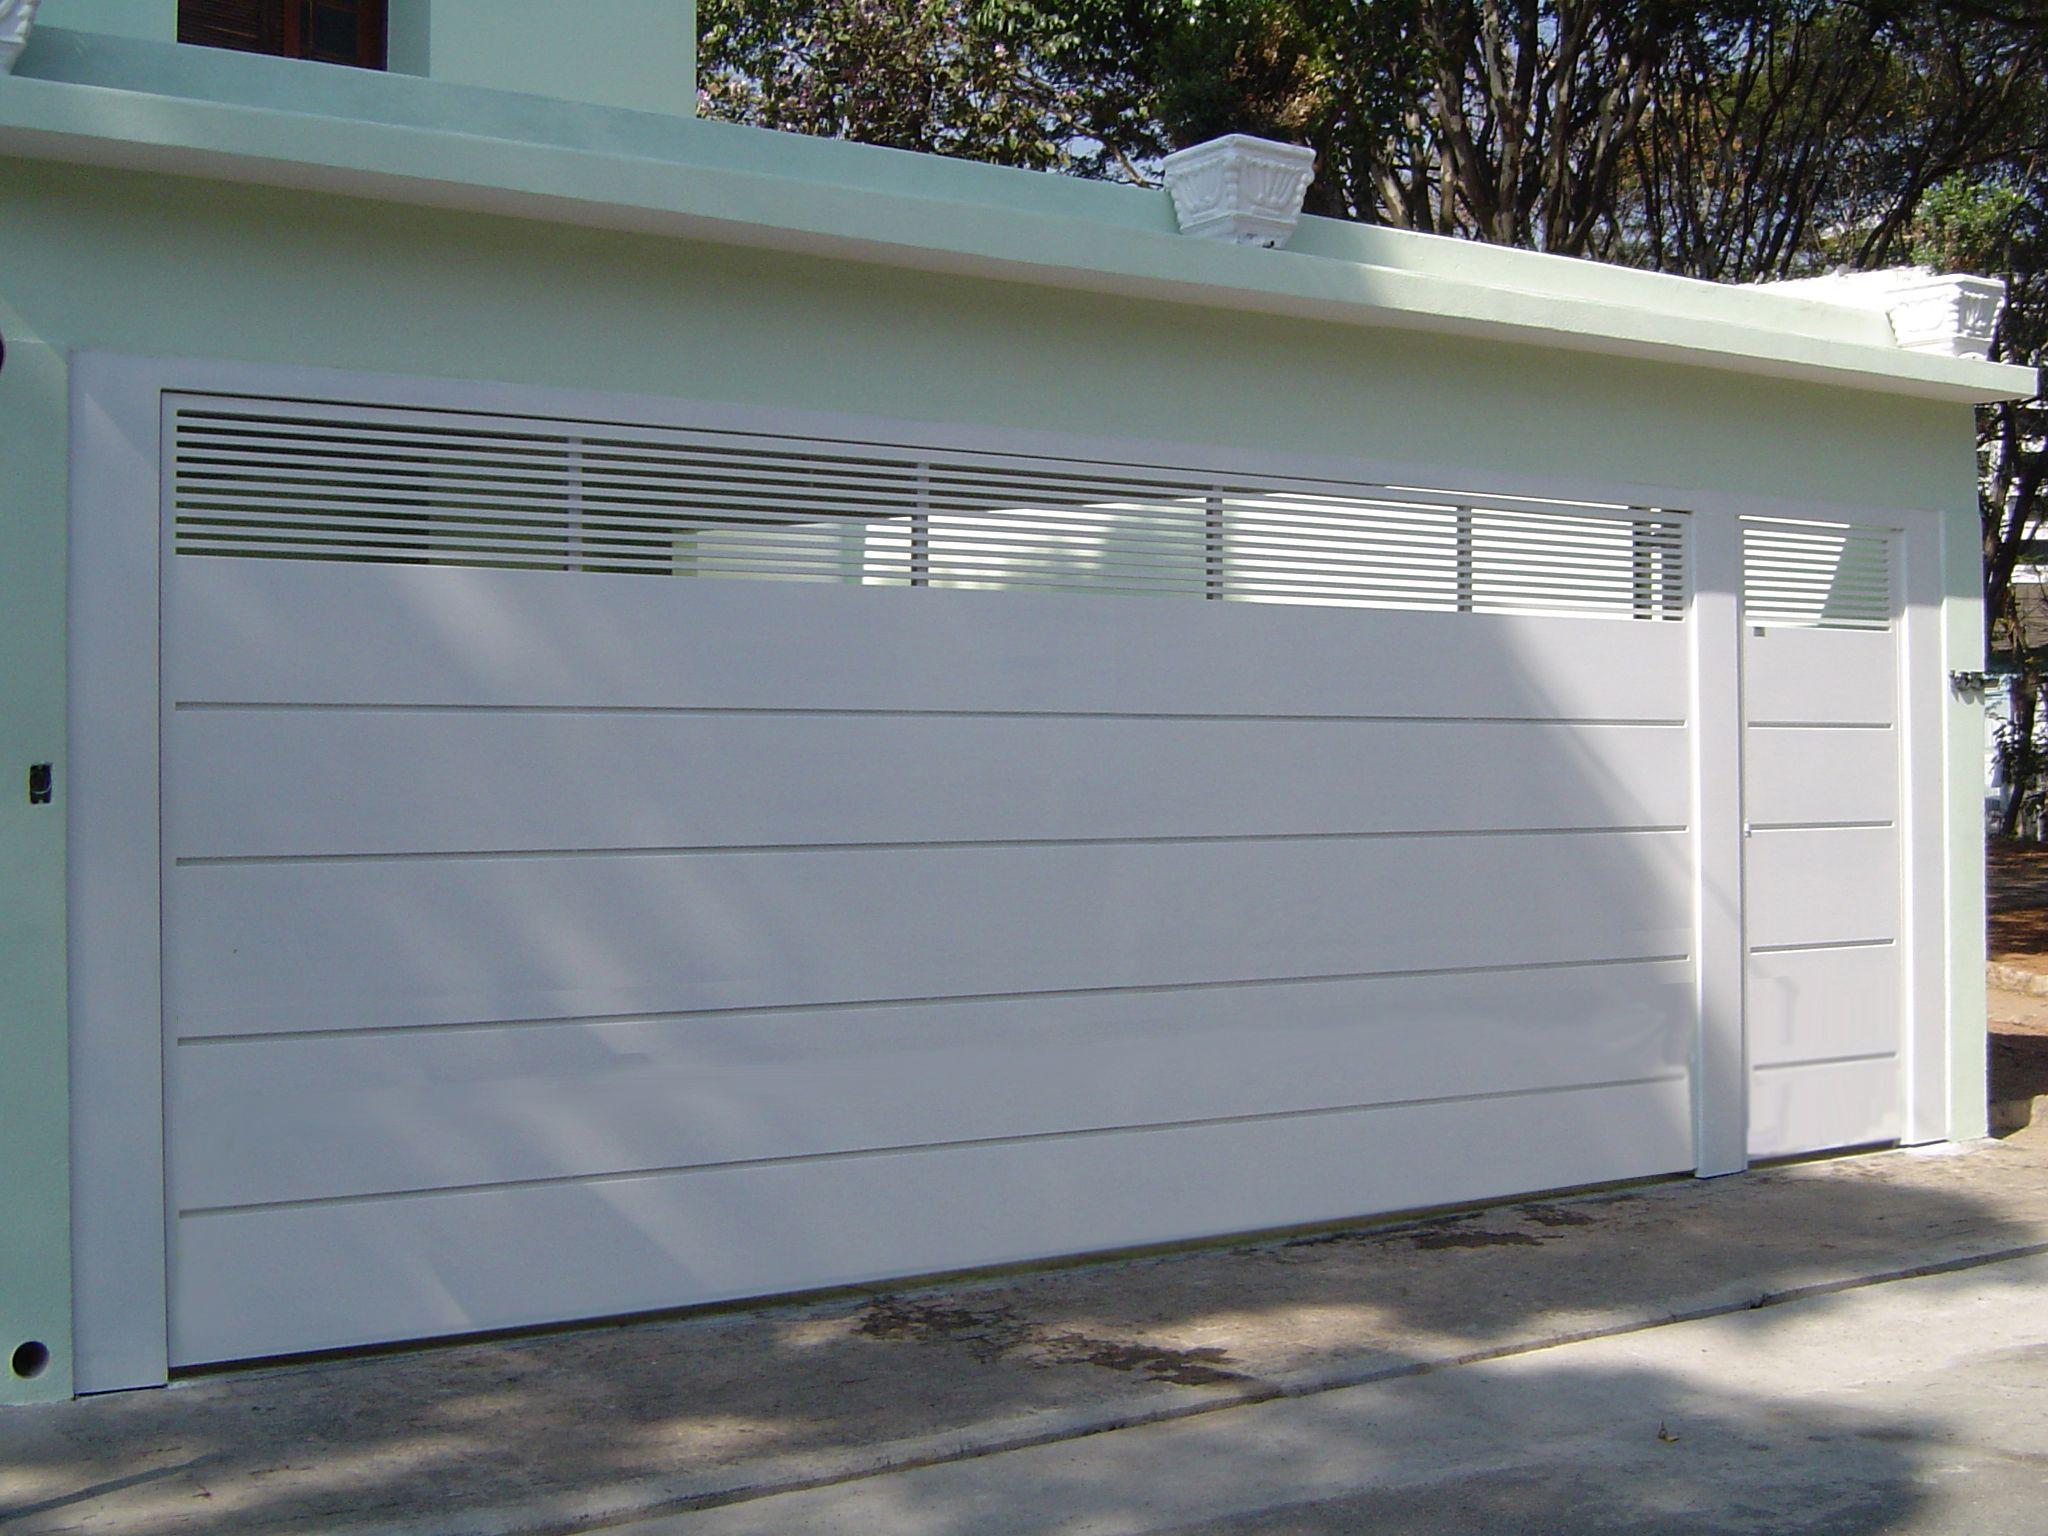 Excepcional Modelos de portões para garagens residenciais | Portões, Garagens  FP65